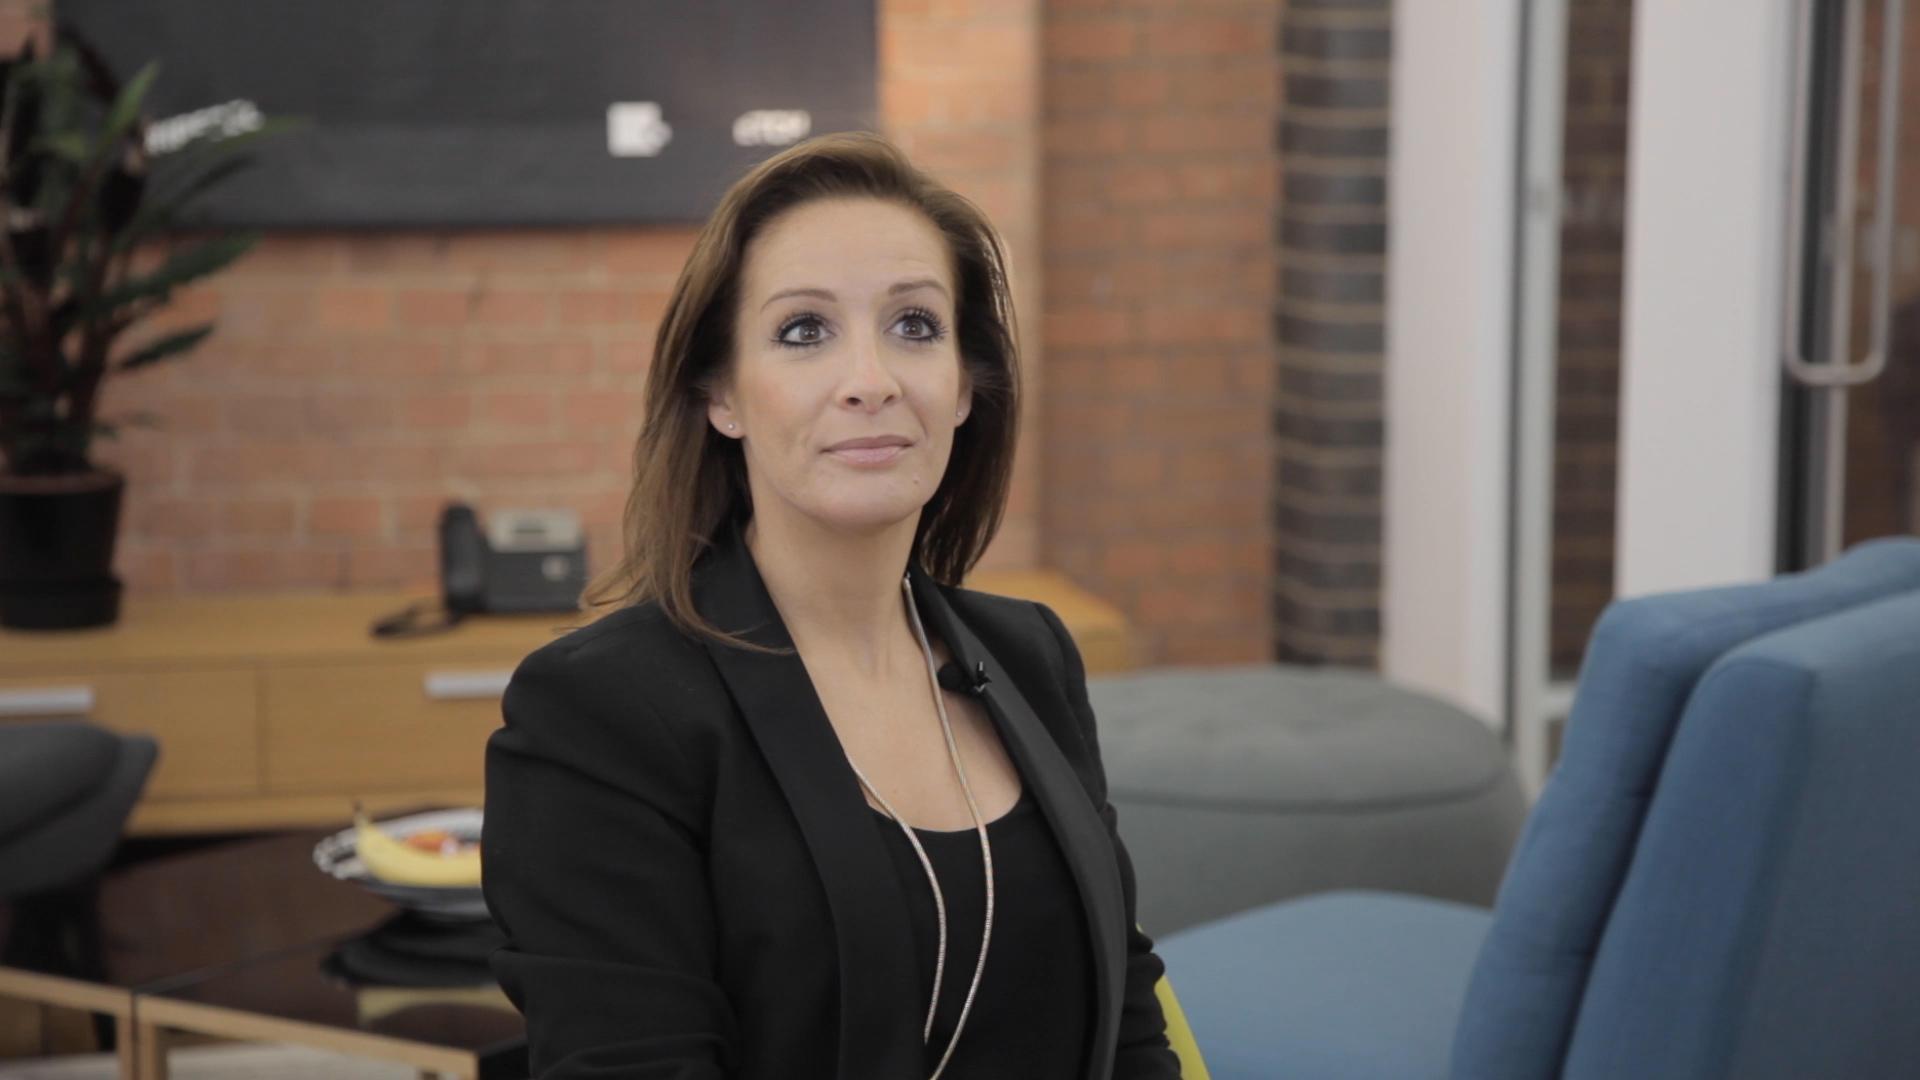 April Taylor - Brand & Marketing ConsultantThe Shard, Lendlease and 22 Bishopsgate